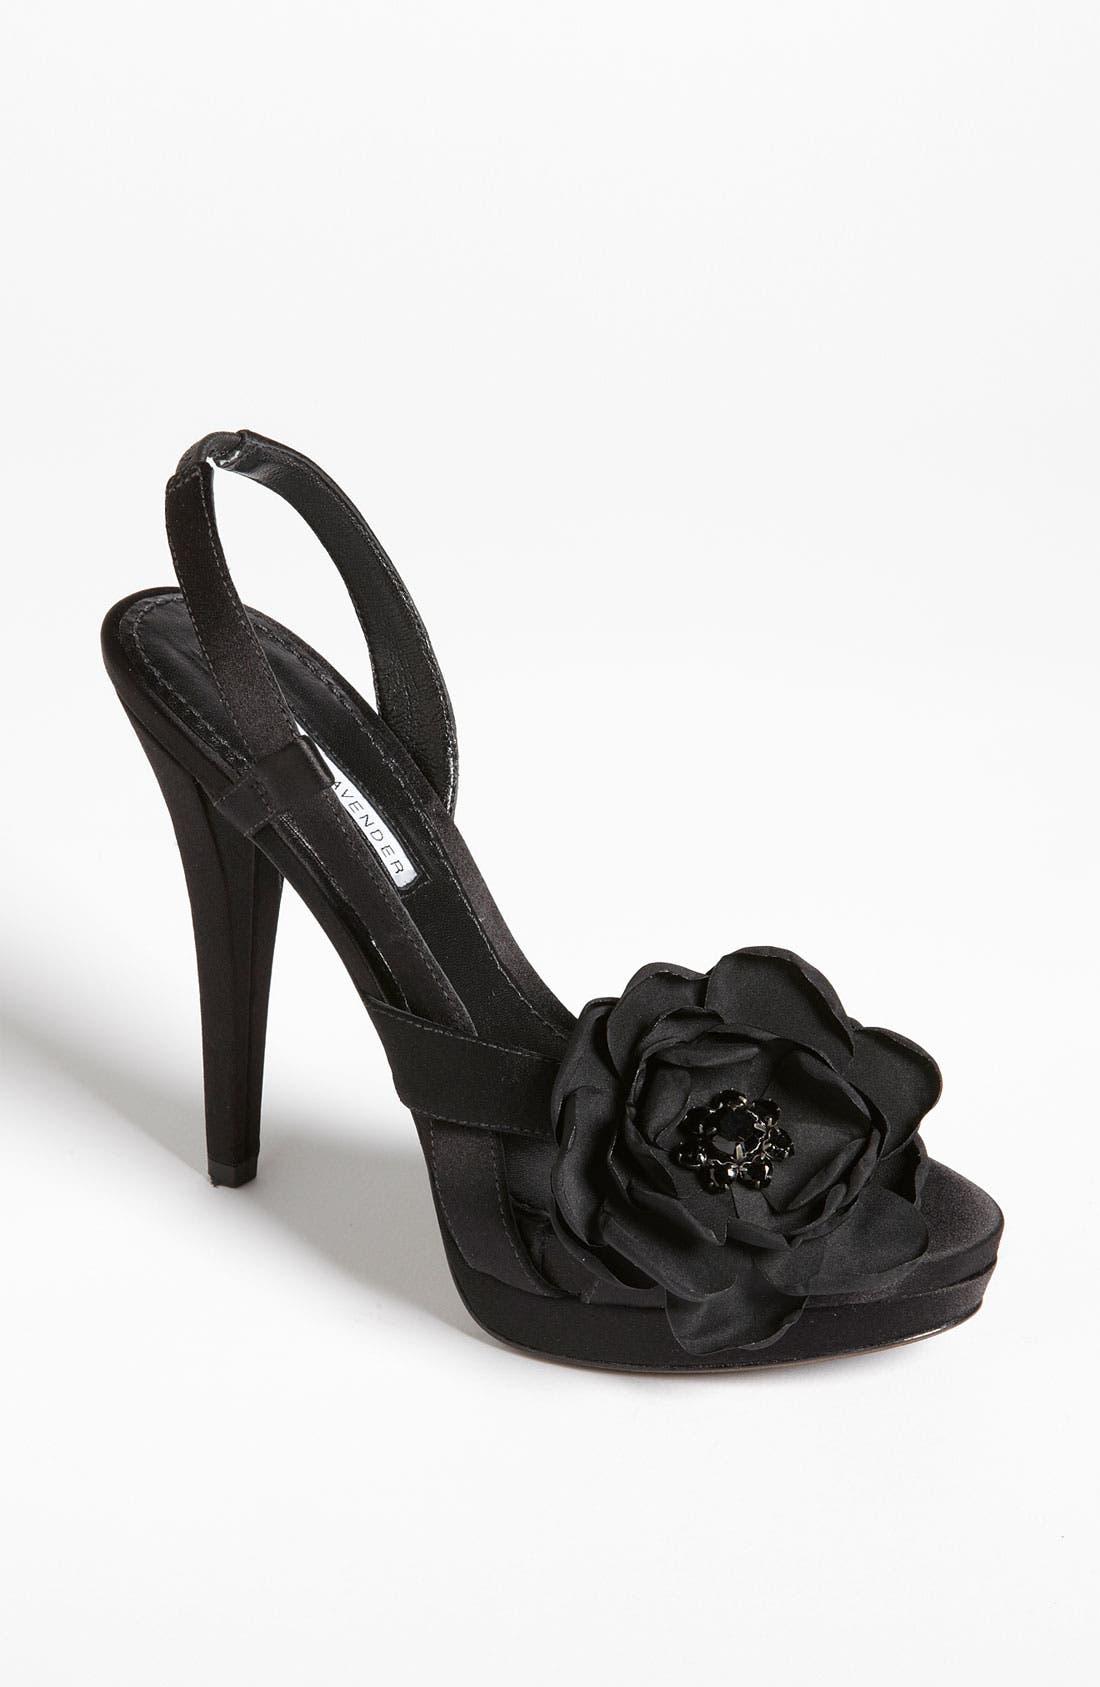 Main Image - Vera Wang Footwear 'Savy' Sandal